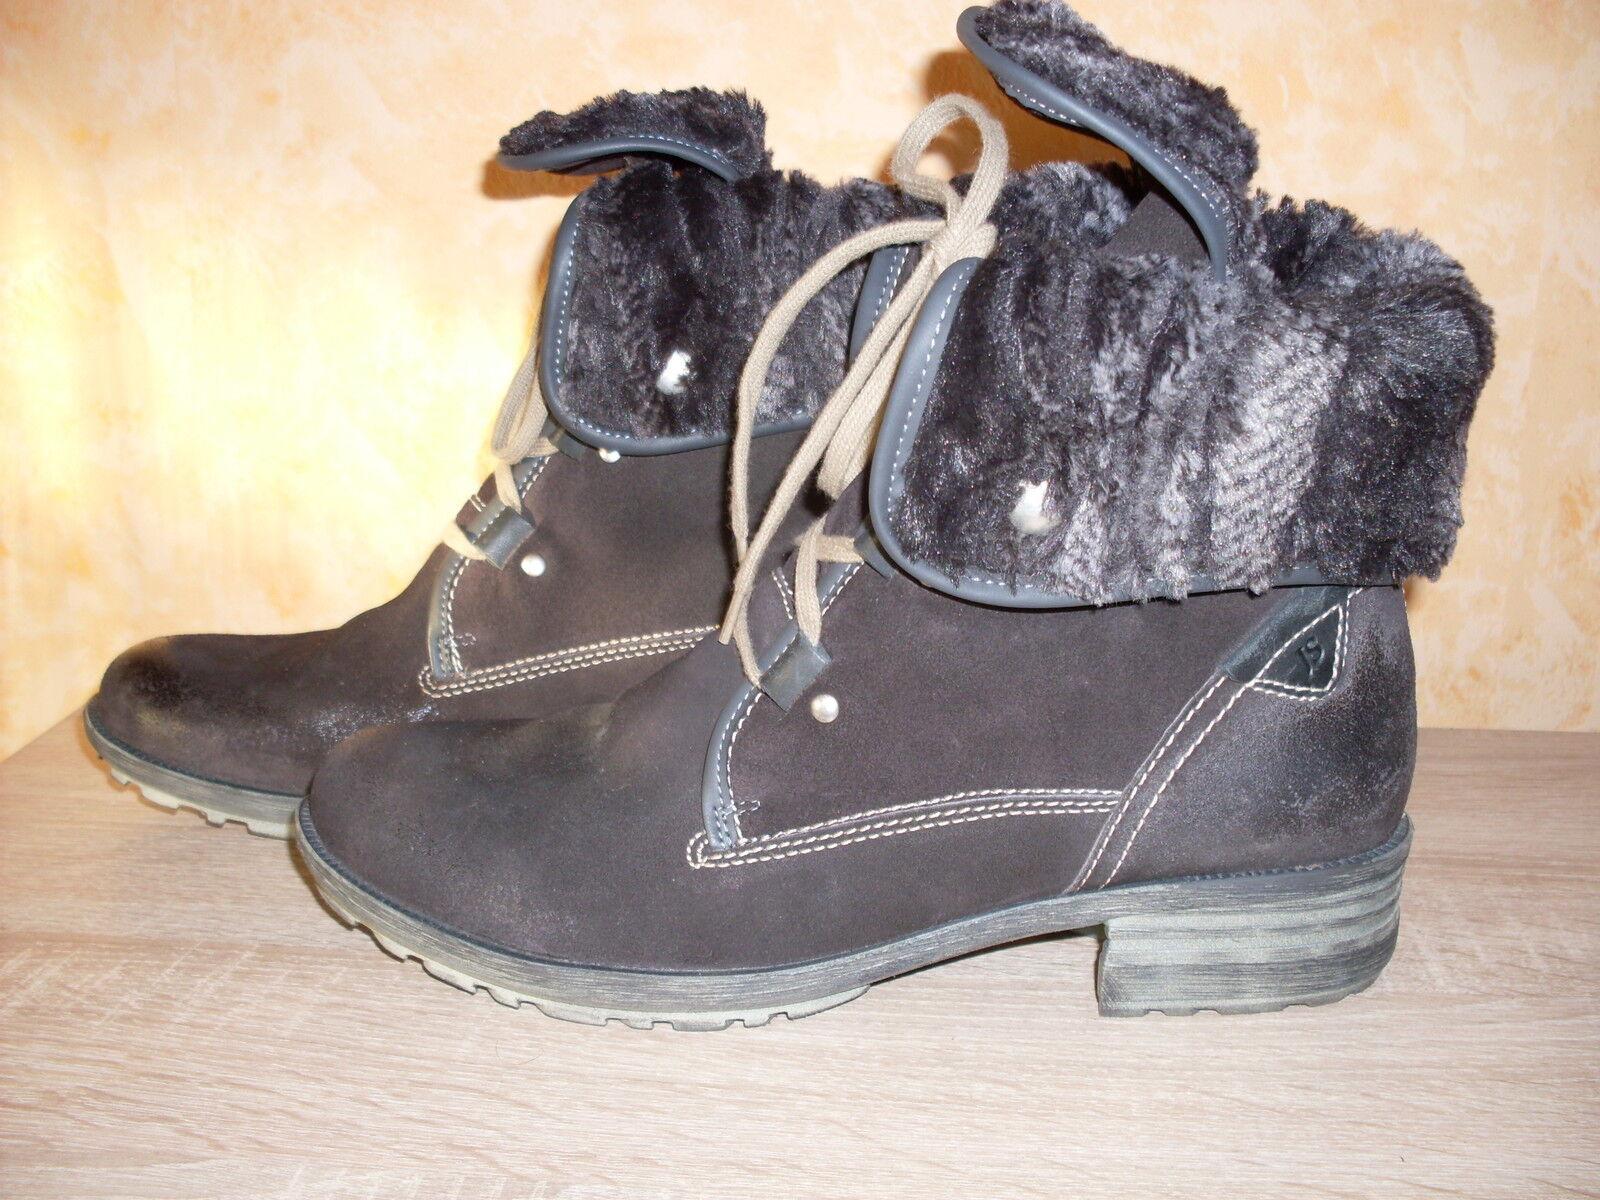 Josef Seibel botín nuevo talla 42 42 42 en marrón oscuro & cuero super cómodos  caliente